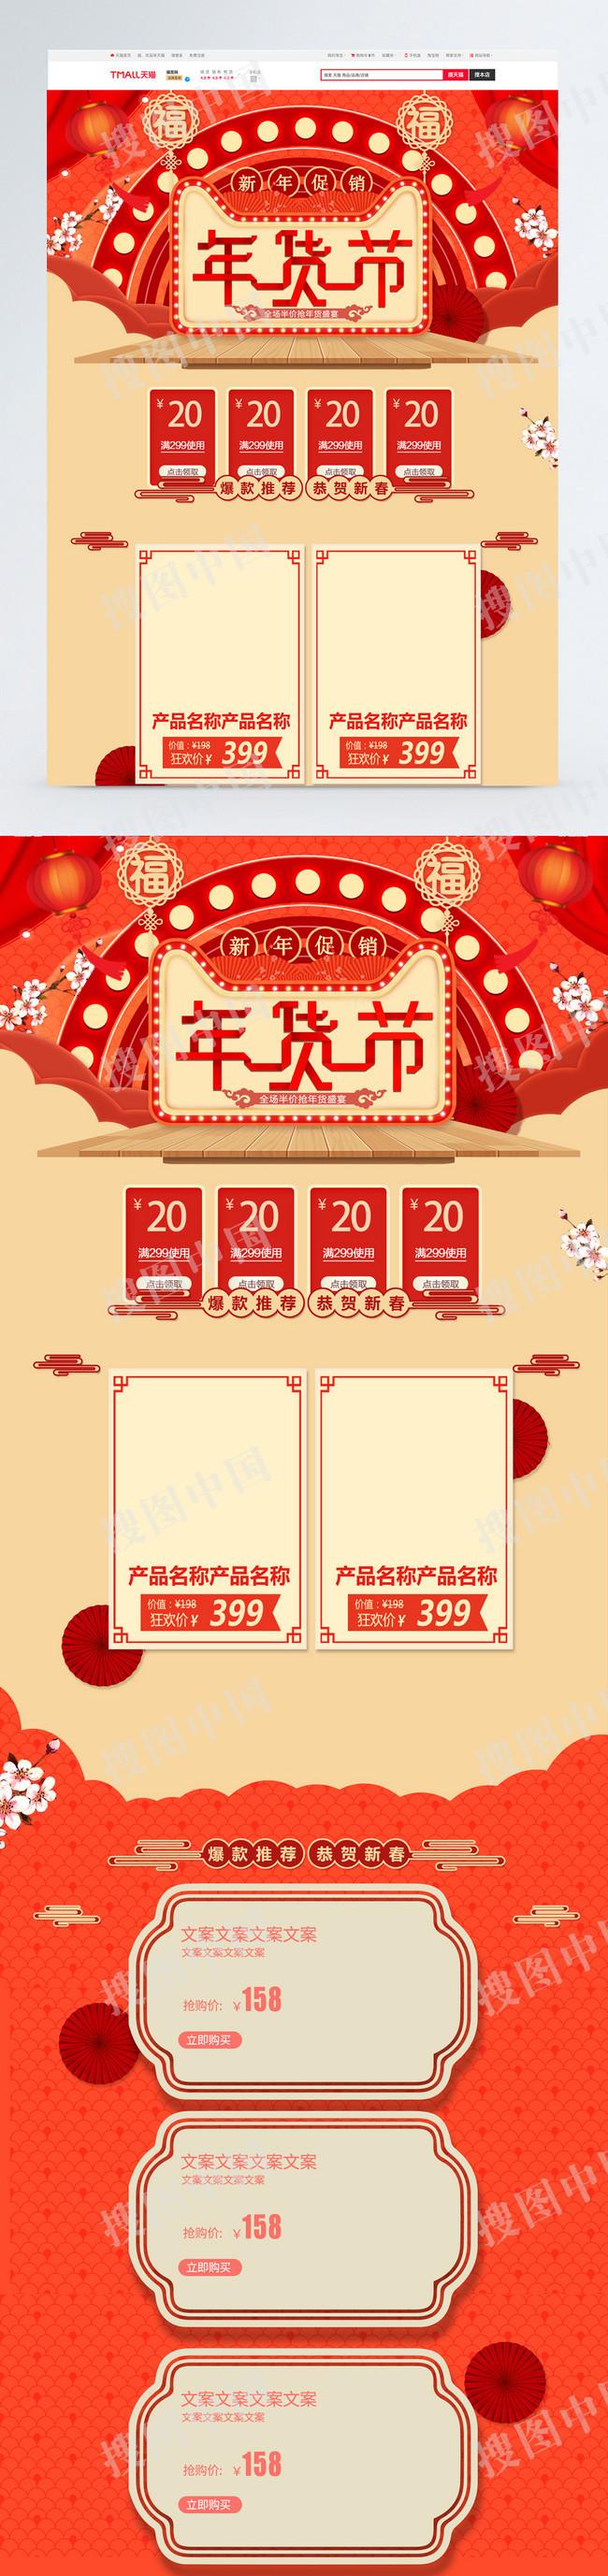 年货节红色喜庆大气天猫淘宝首页促销模板